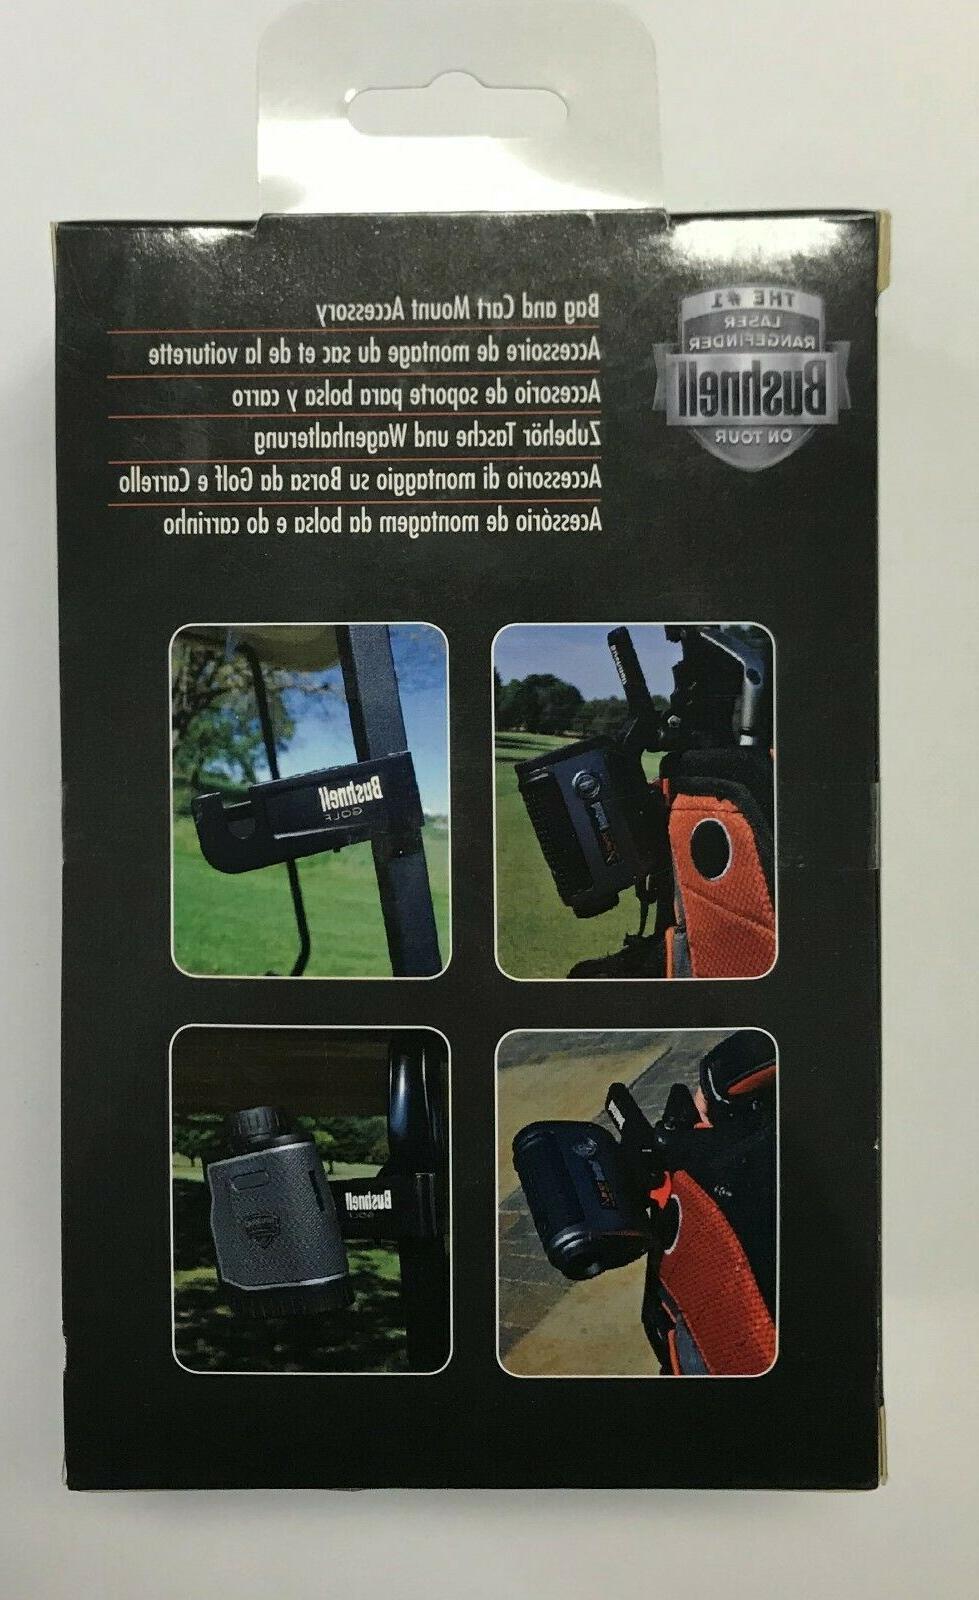 Brand and Cart Rangefinder